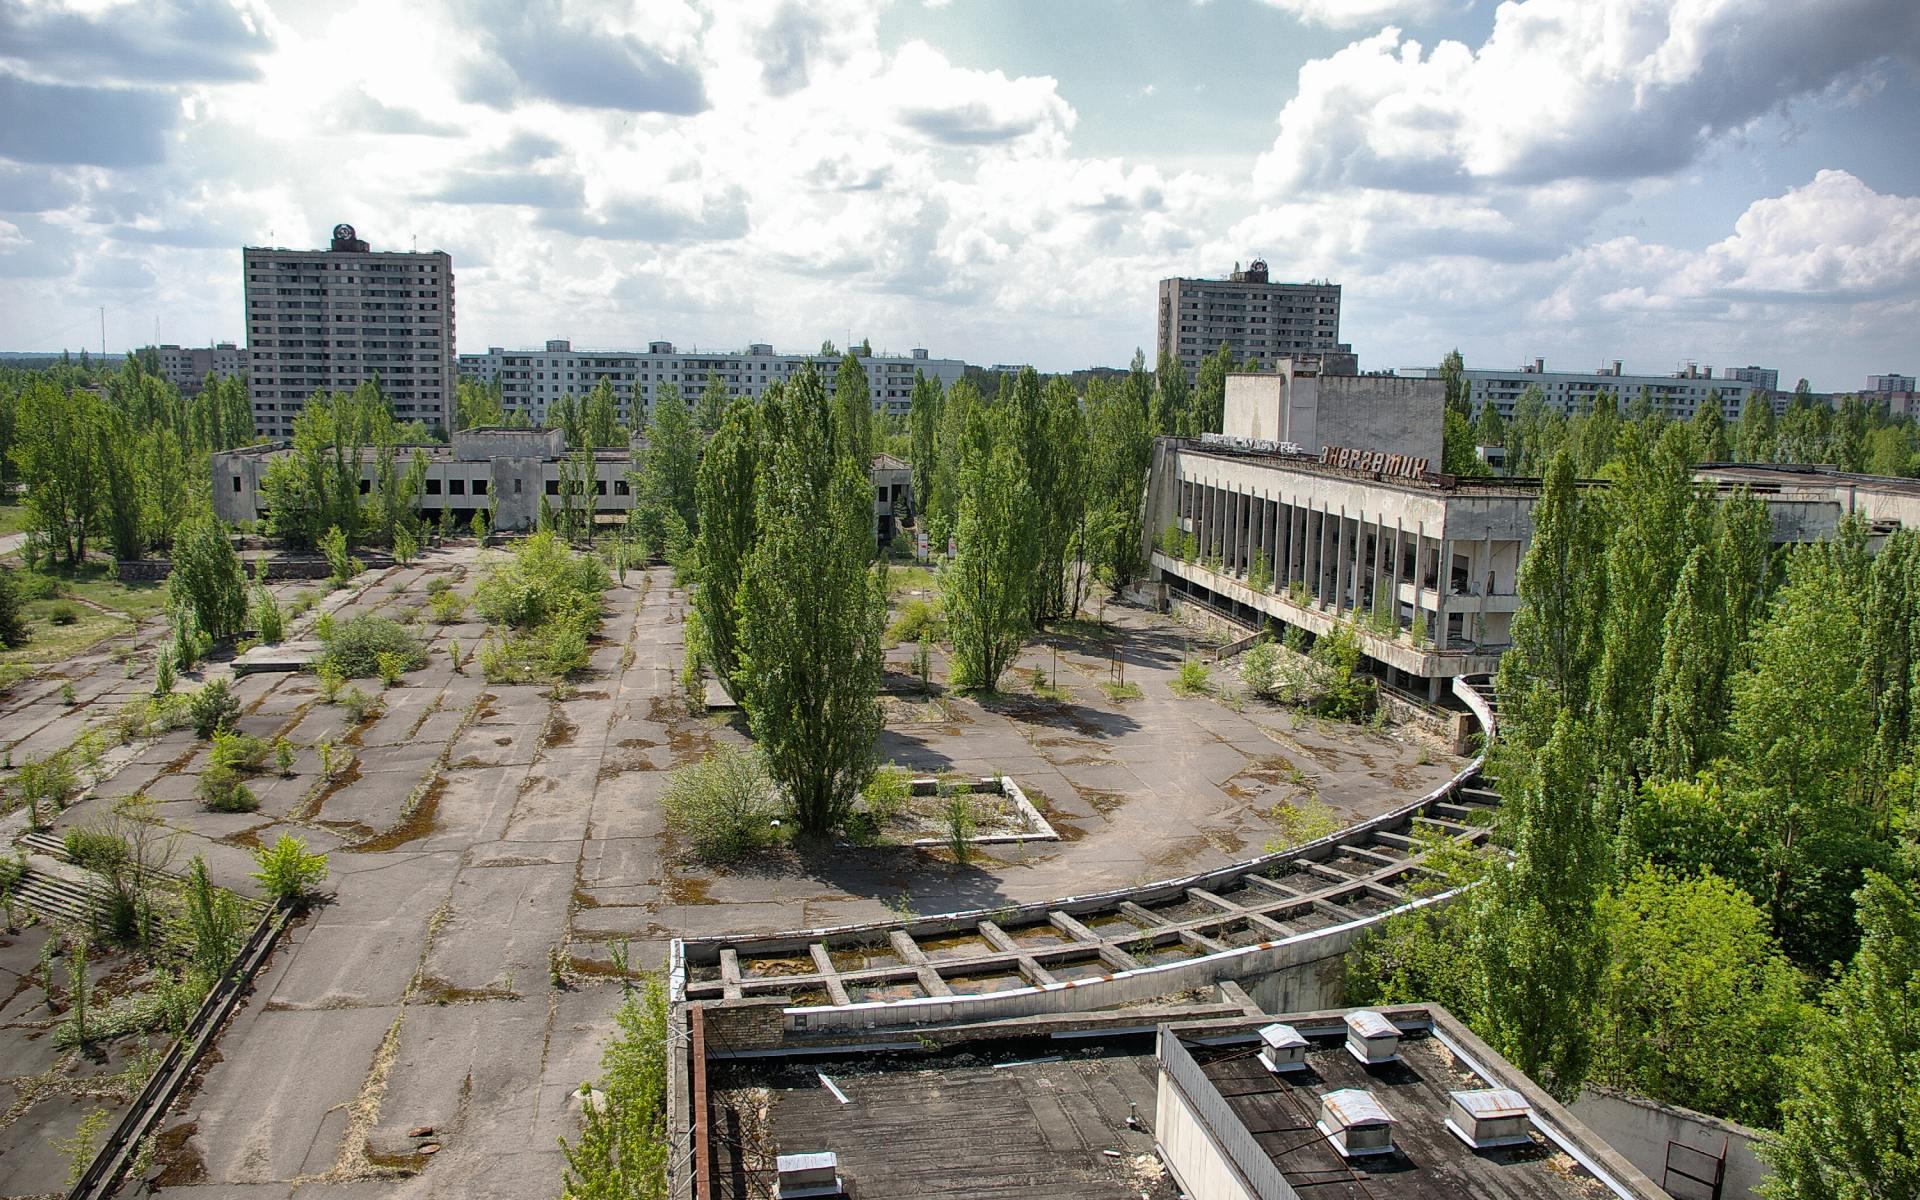 HDoboi.Kiev.ua - Припять, город призрак, обои Чернобыль айфон